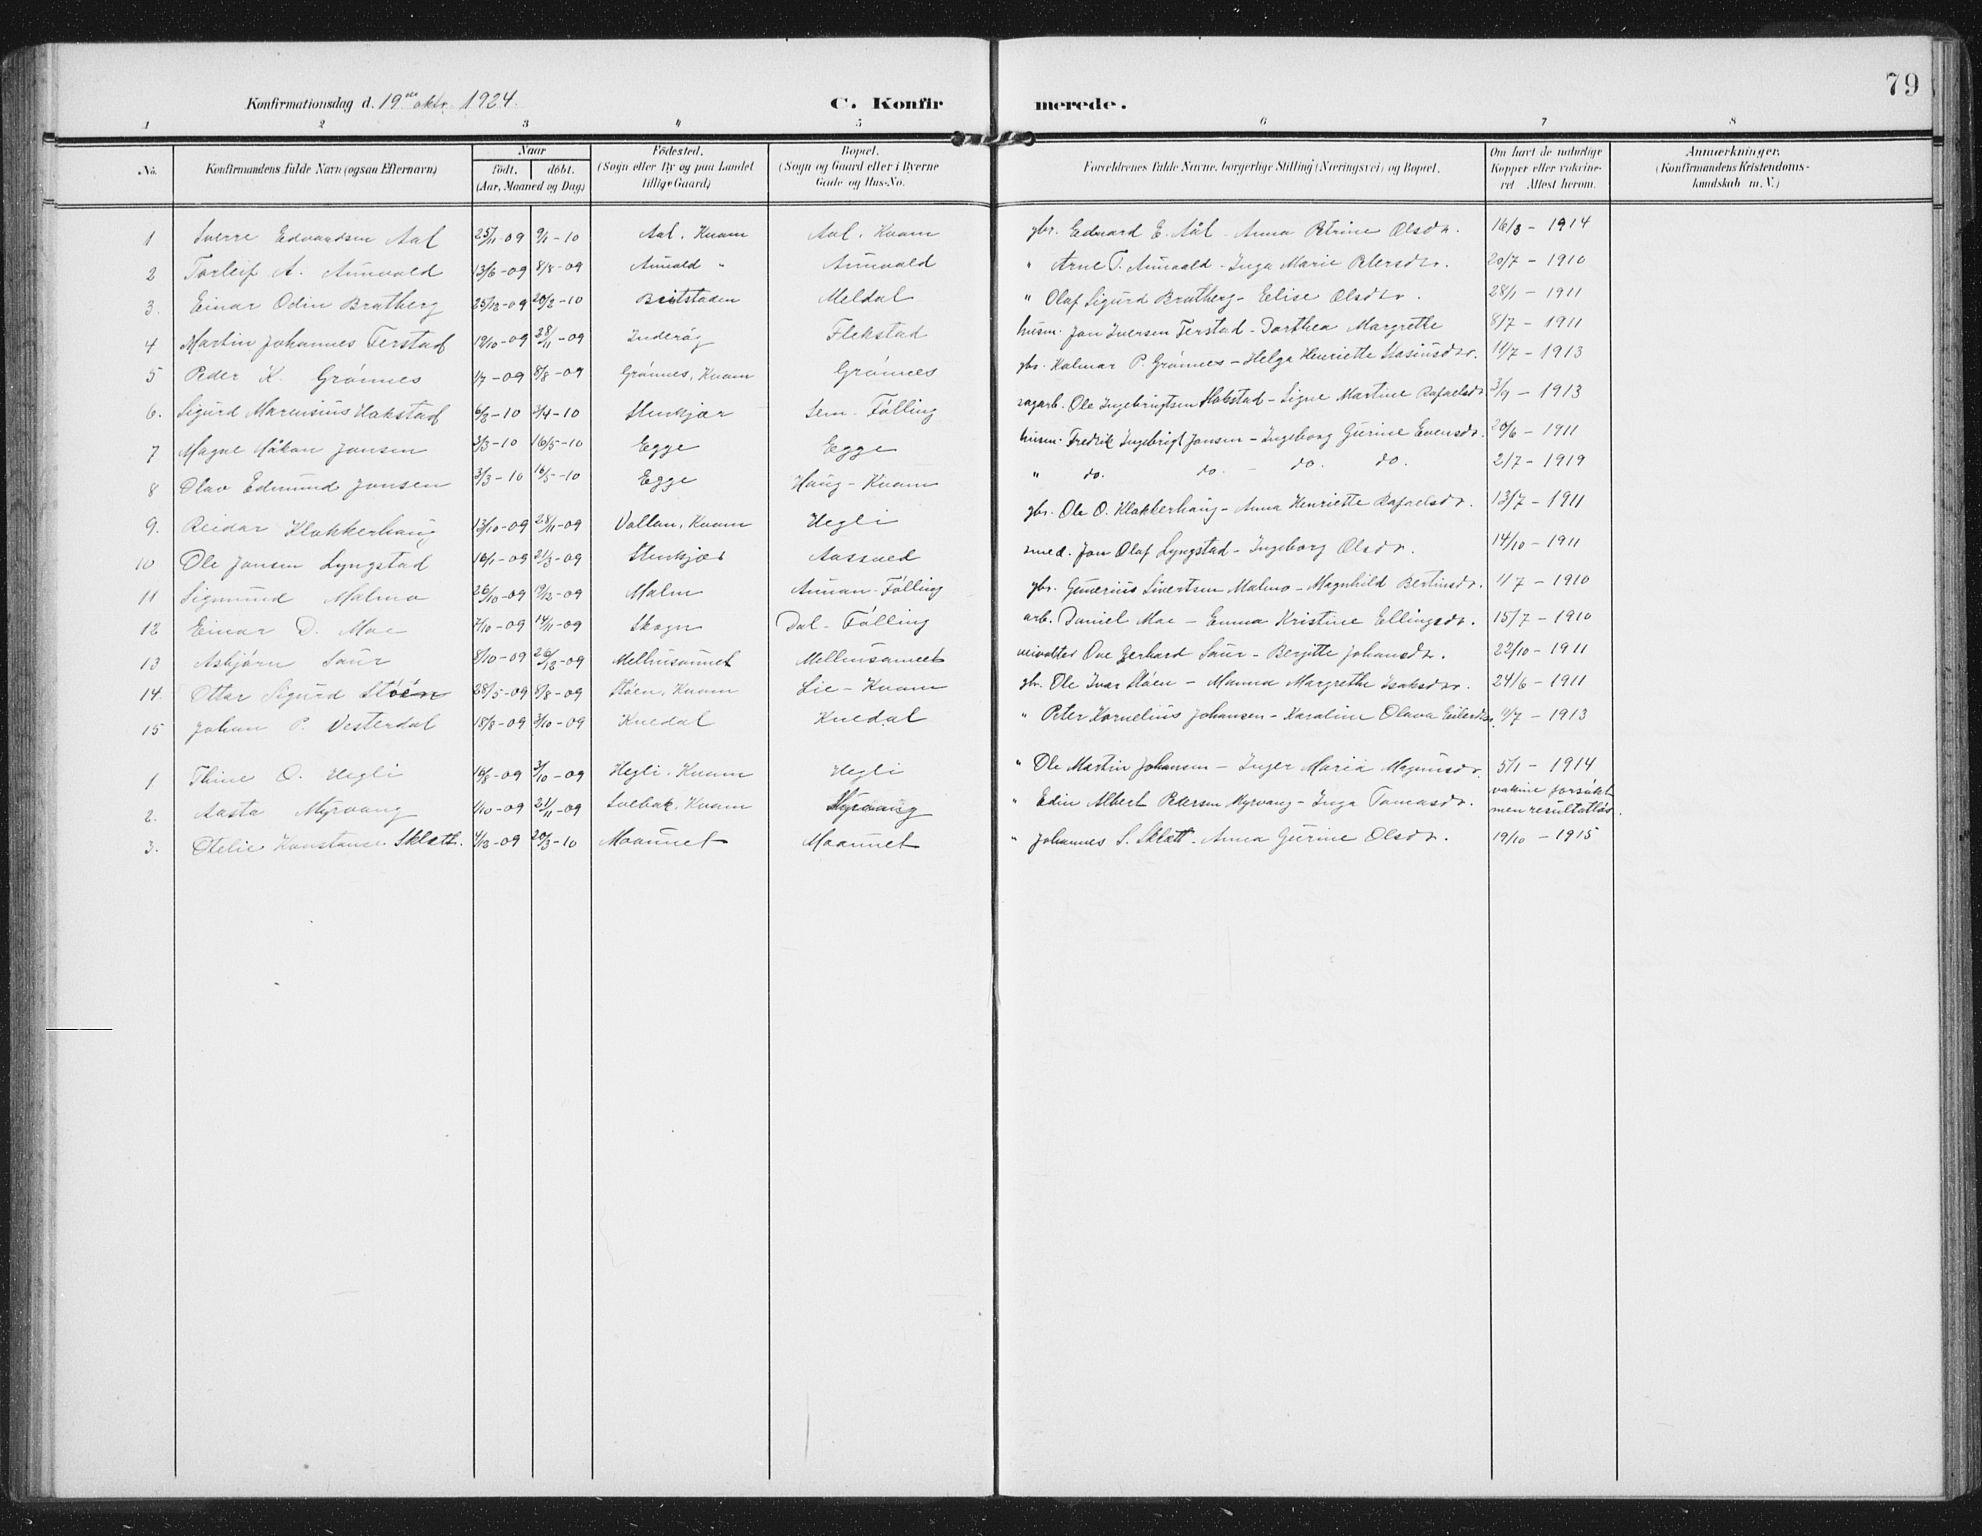 SAT, Ministerialprotokoller, klokkerbøker og fødselsregistre - Nord-Trøndelag, 747/L0460: Klokkerbok nr. 747C02, 1908-1939, s. 79